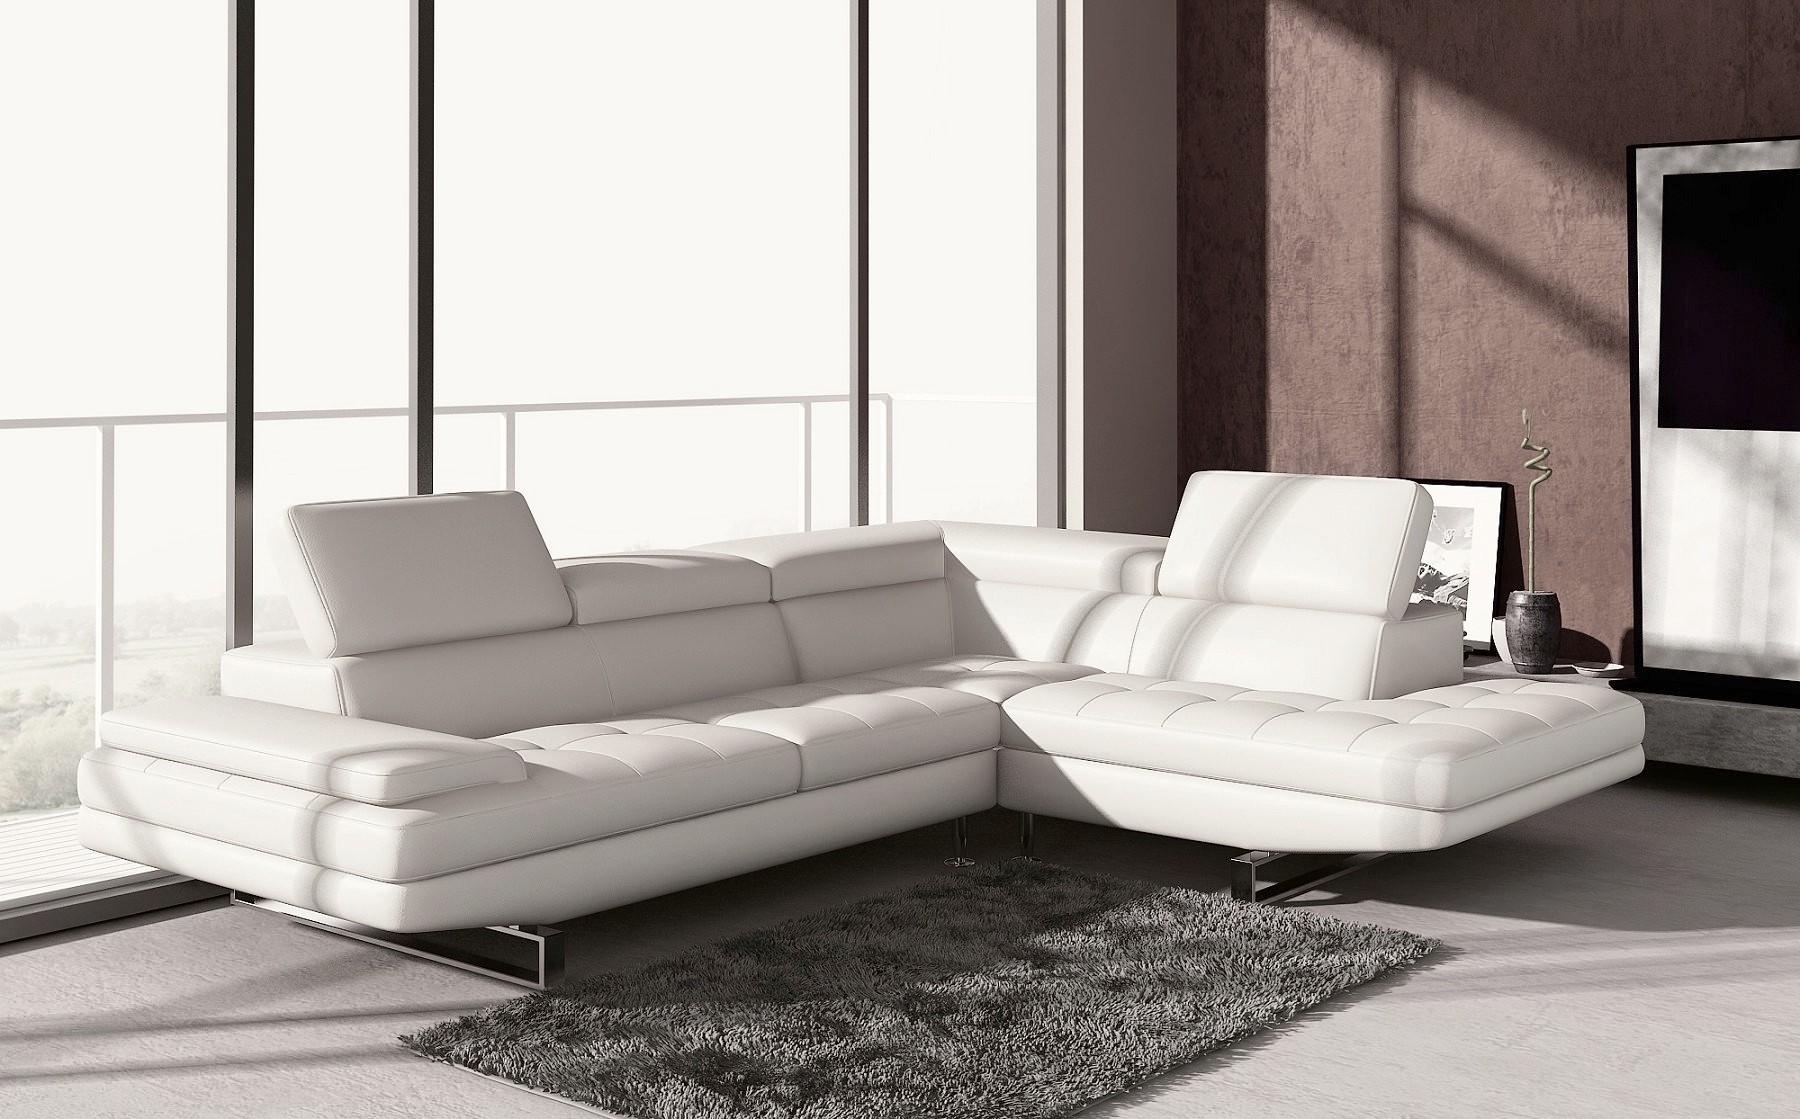 canape convertible cuir luxe canap id es de d coration de maison pklqvd5dra. Black Bedroom Furniture Sets. Home Design Ideas